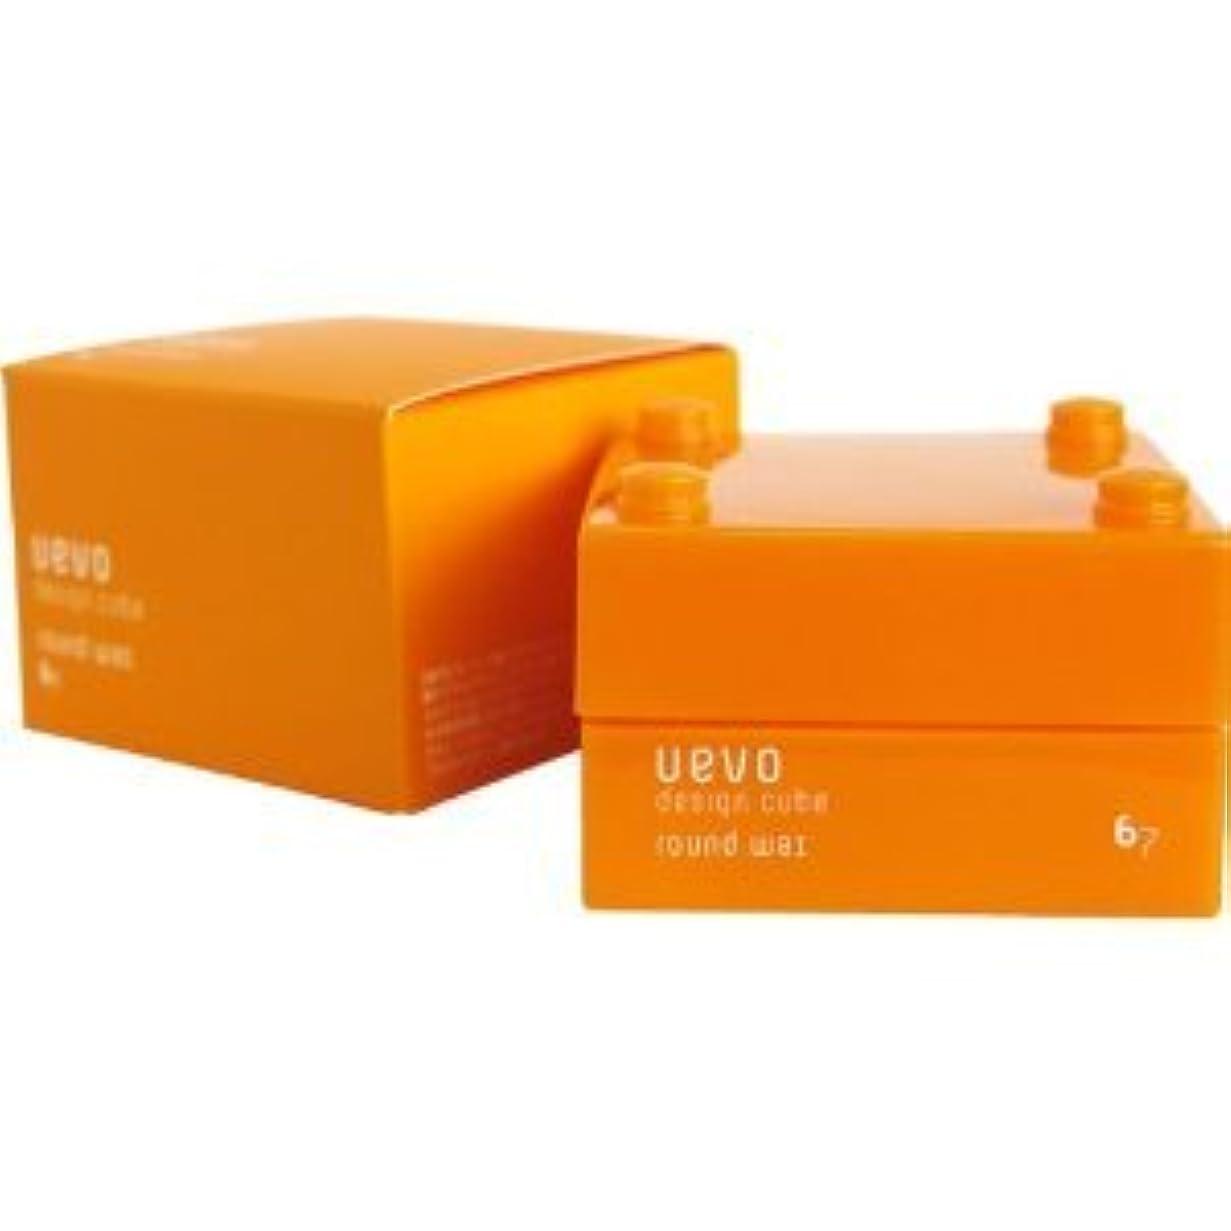 ワーカー差し控える絶壁デミ ウェーボ デザインキューブ ラウンドワックス 30g round wax DEMI uevo design cube